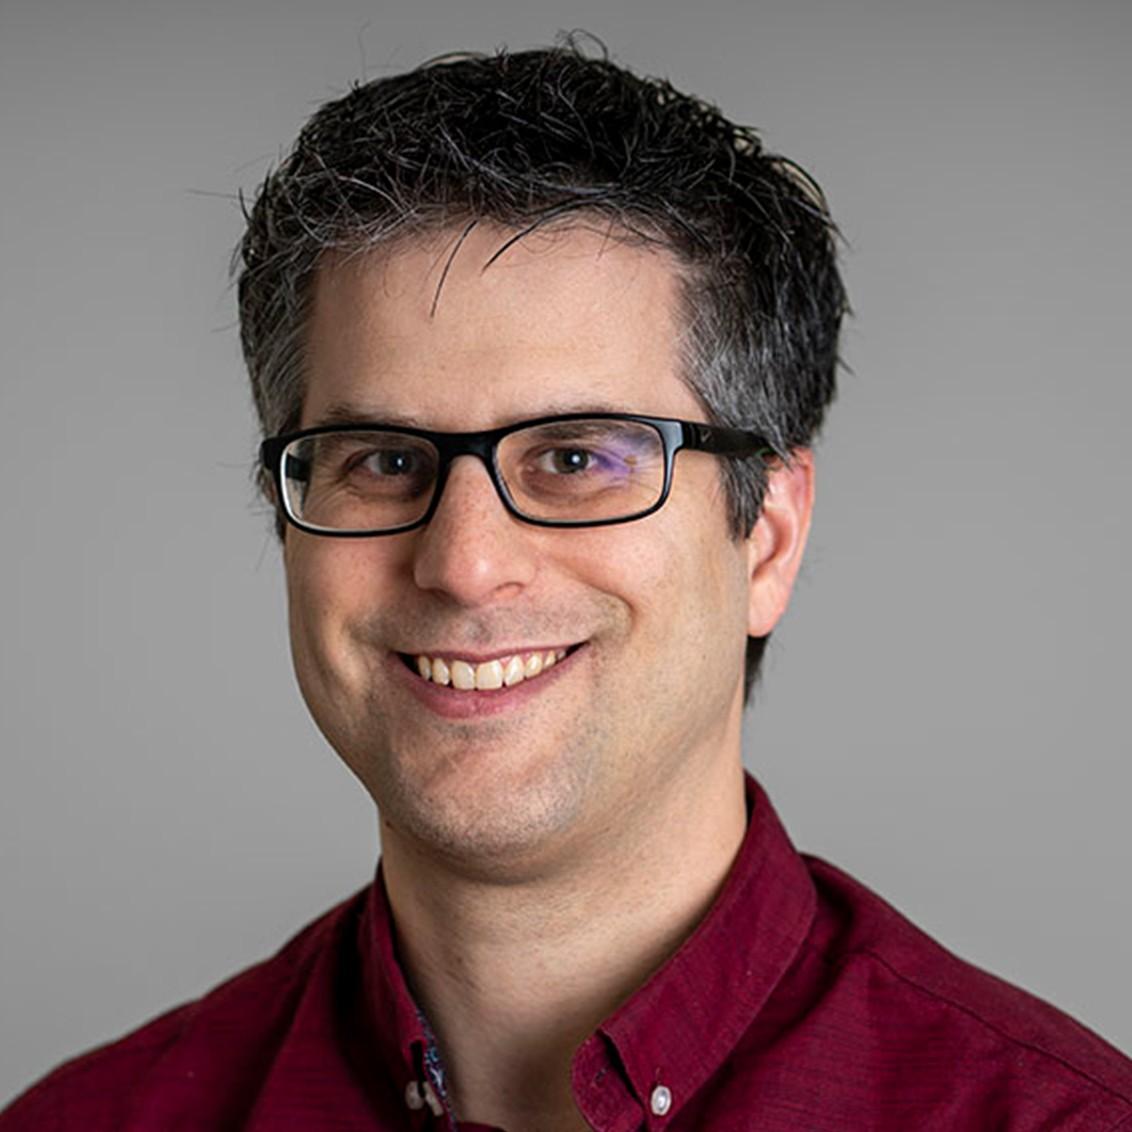 Headshot of Travis Flohr